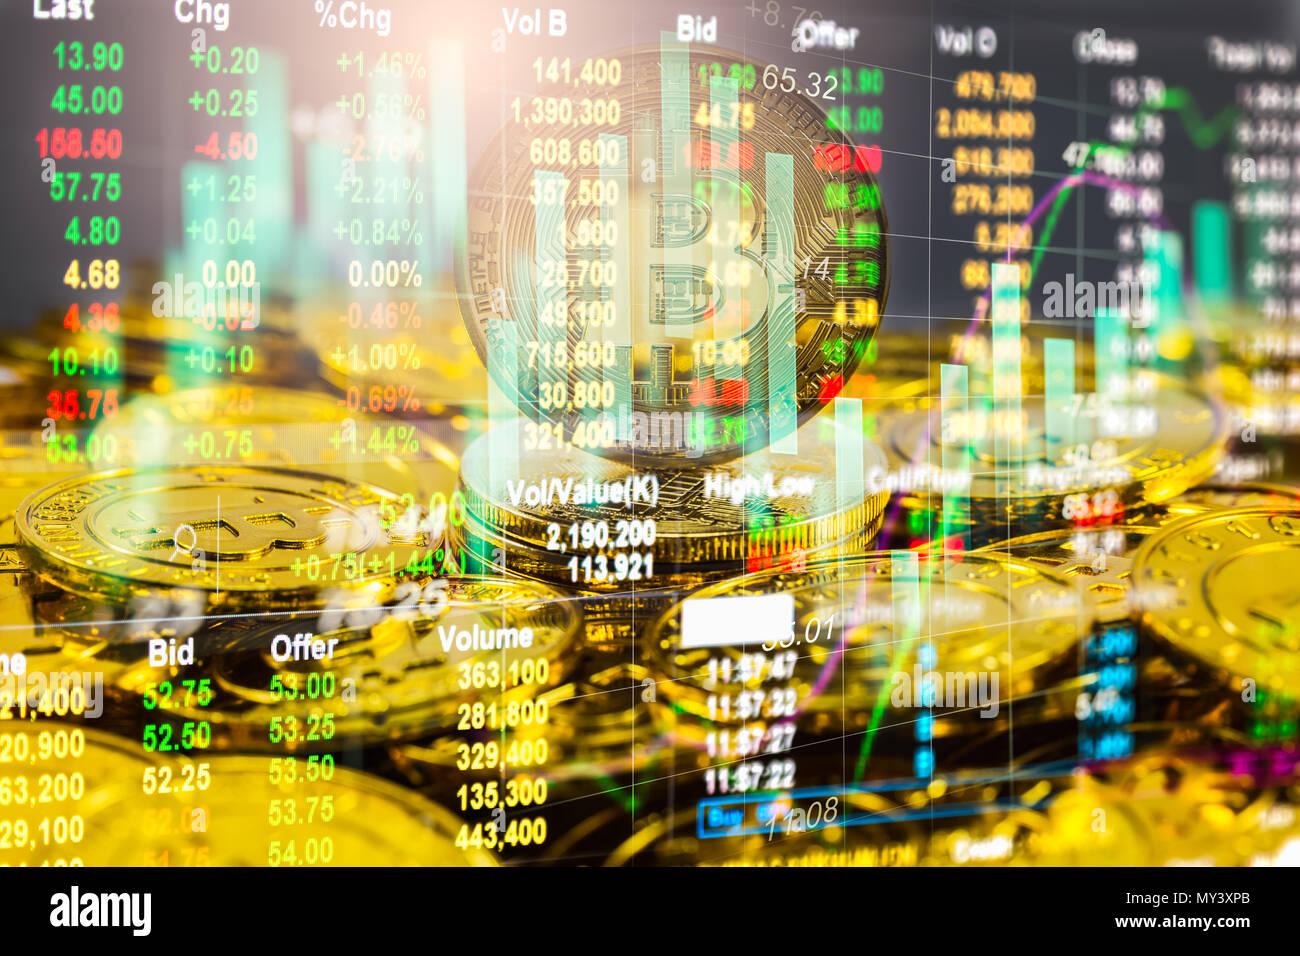 Una manera moderna de Exchange. Es Bitcoin pago conveniente en la economía de mercado mundial. Moneda digital Virtual de Comercio y de inversión financiera concepto. Abstr Imagen De Stock